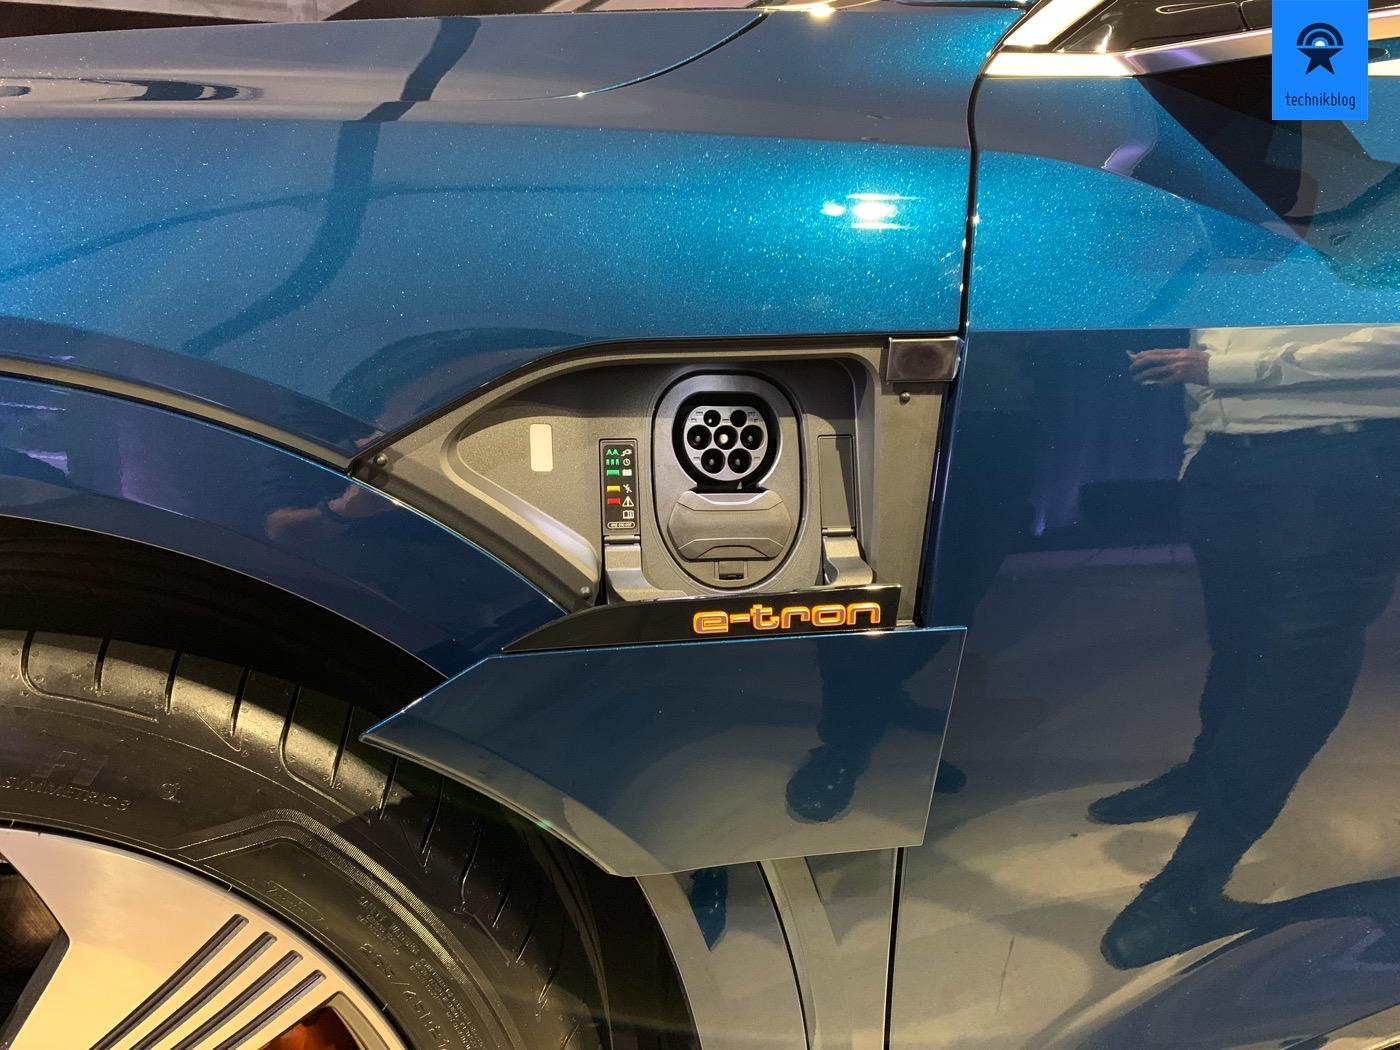 Typ 2 Ladebuchse mit 150kW CCS Möglichkeit am Audi e-tron